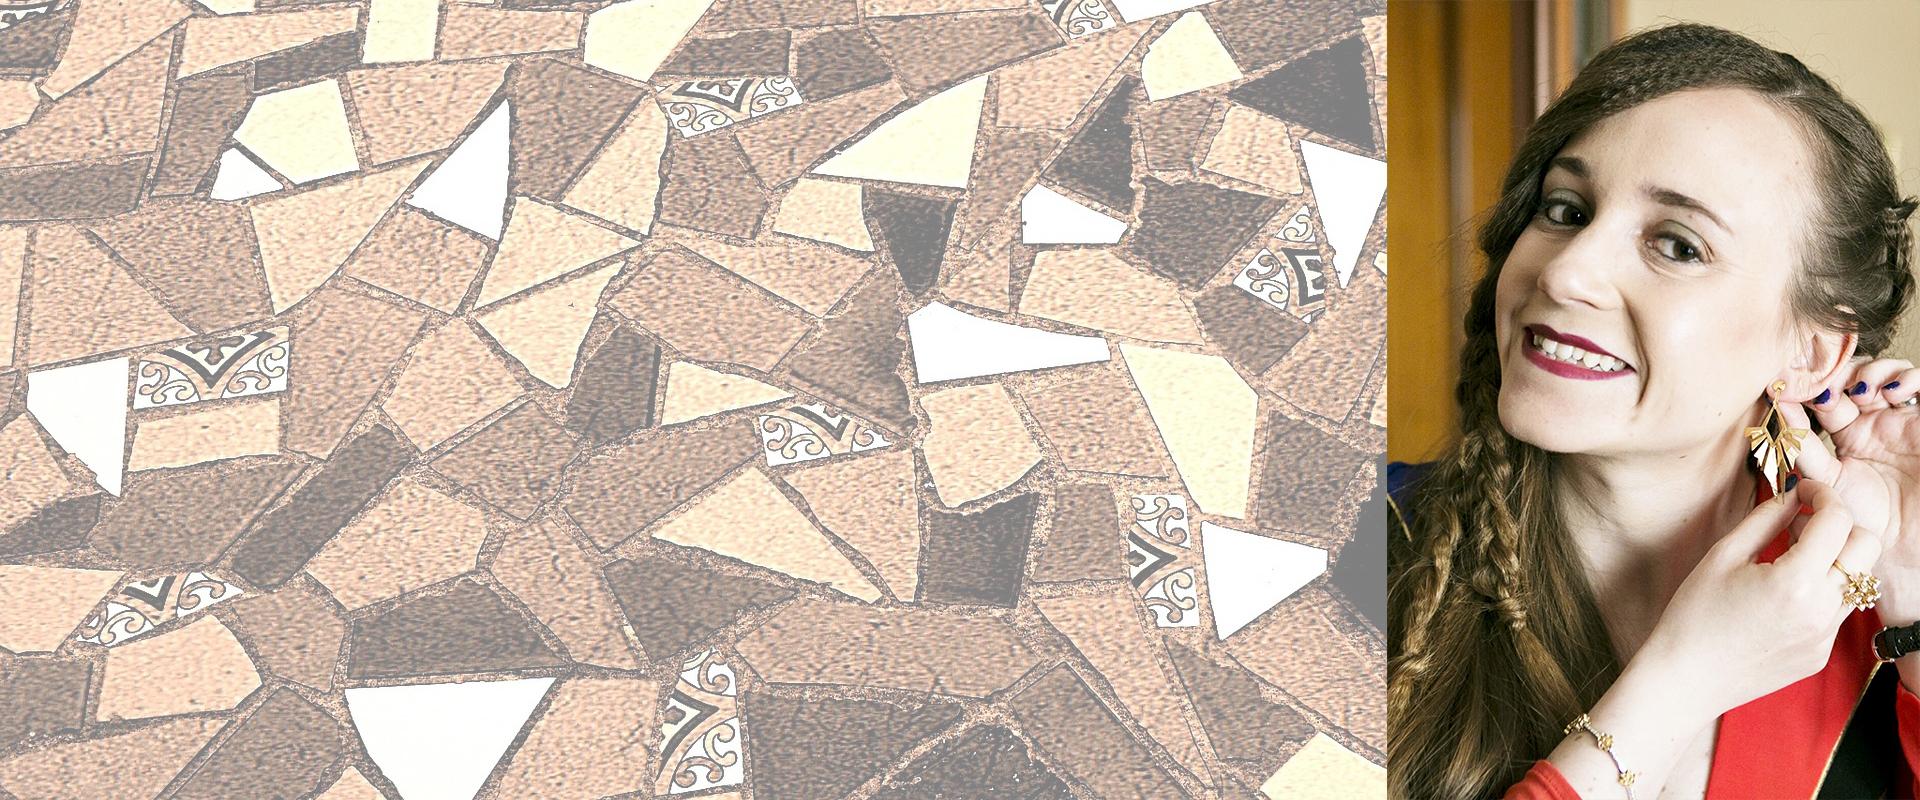 A. del Pino joyeros